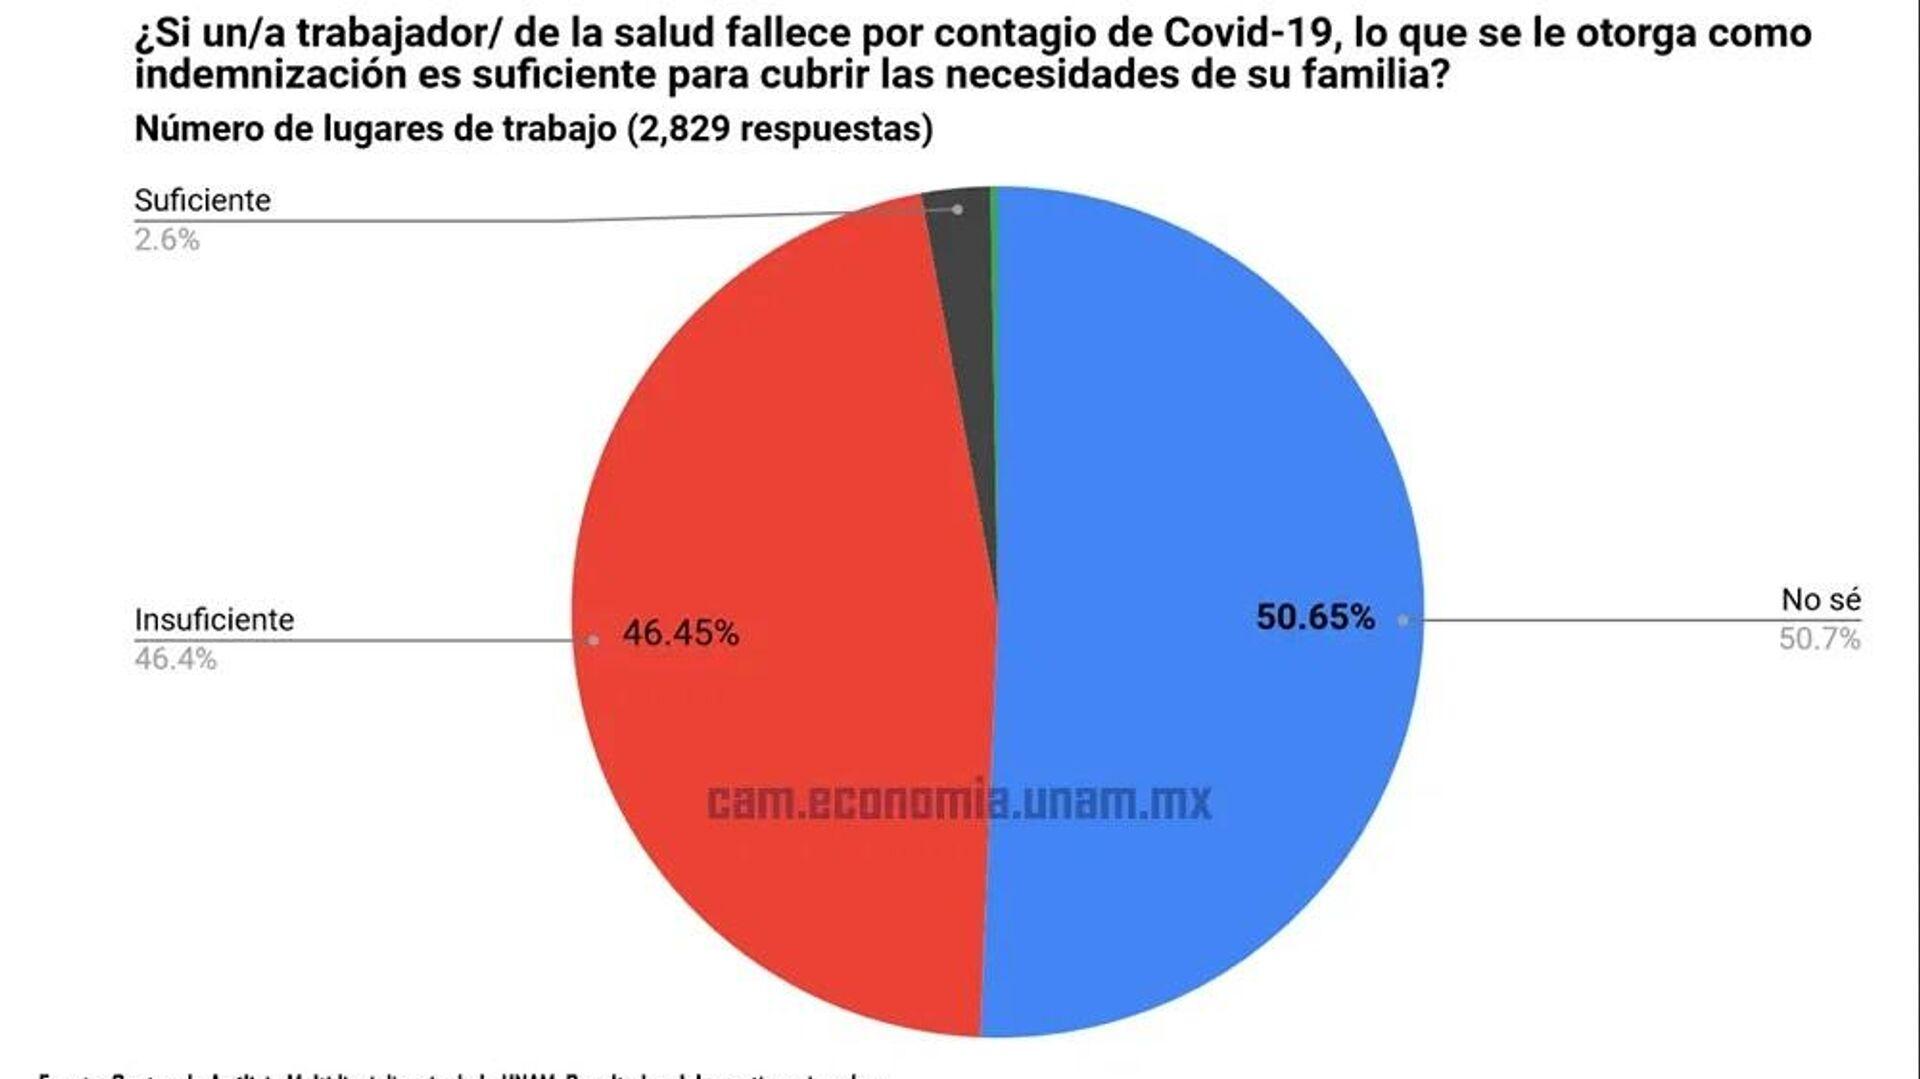 Restulados del Cuestionario sobre condiciones laborales de los trabajadores de la salud en México durante la pandemia por el COVID-19 - Sputnik Mundo, 1920, 21.04.2021